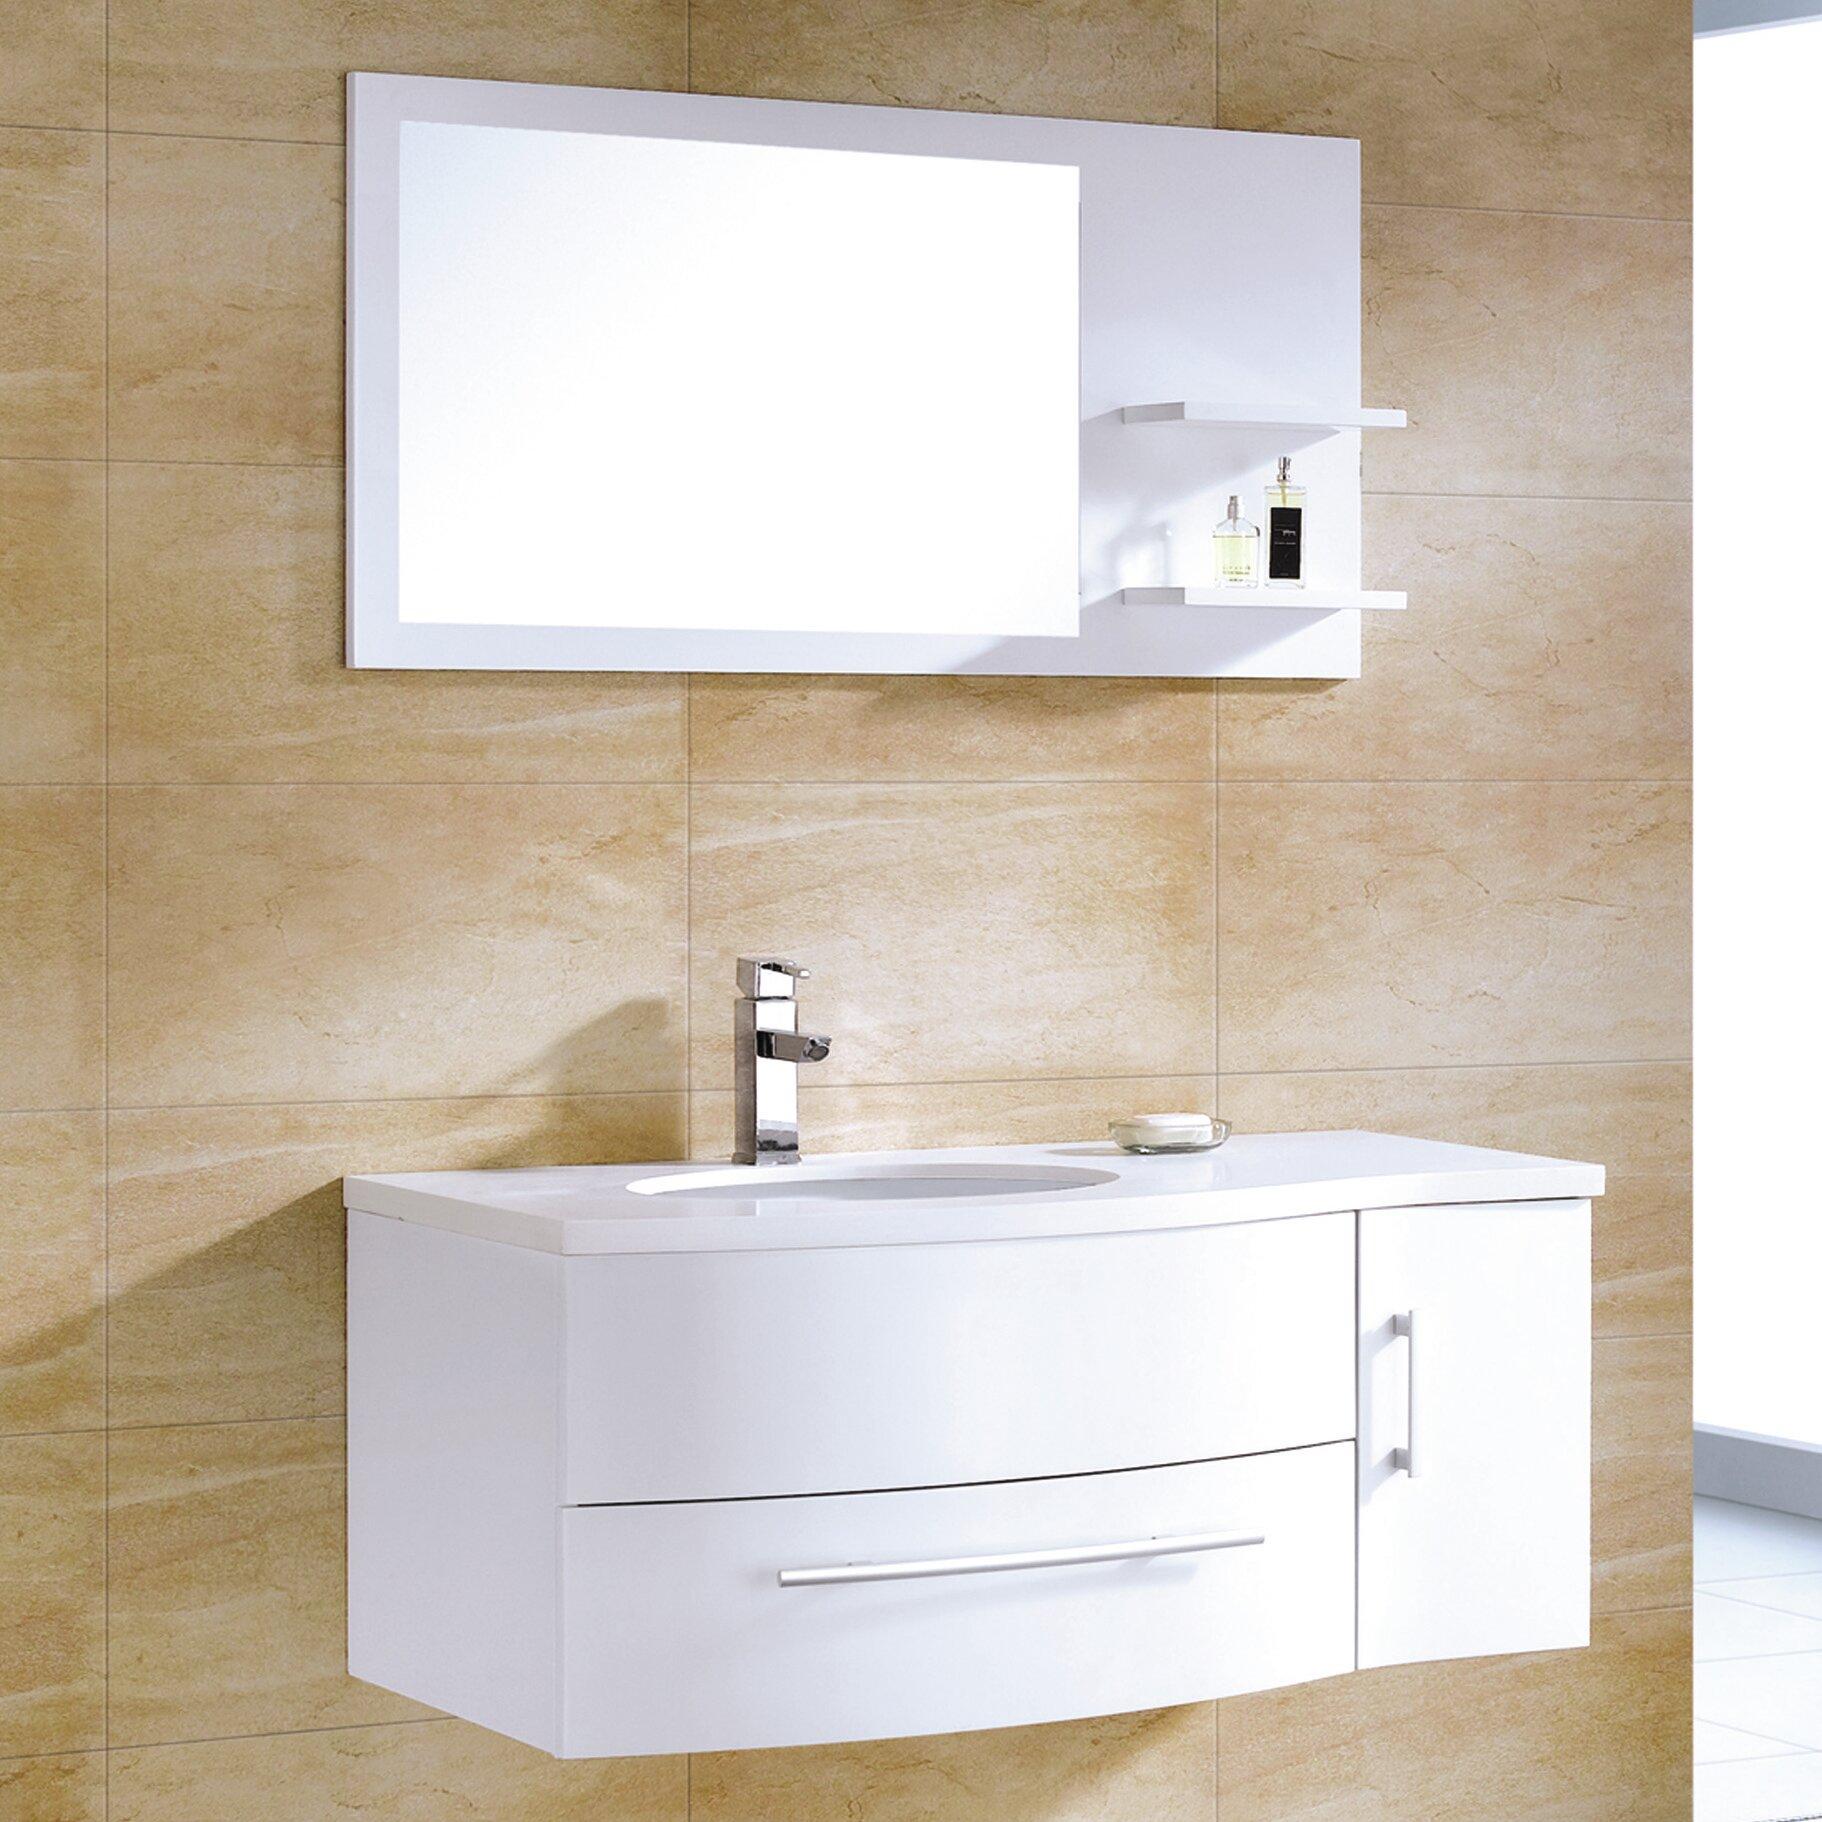 Adornus aden 43 single bathroom vanity set with mirror for Bathrooms r us reviews